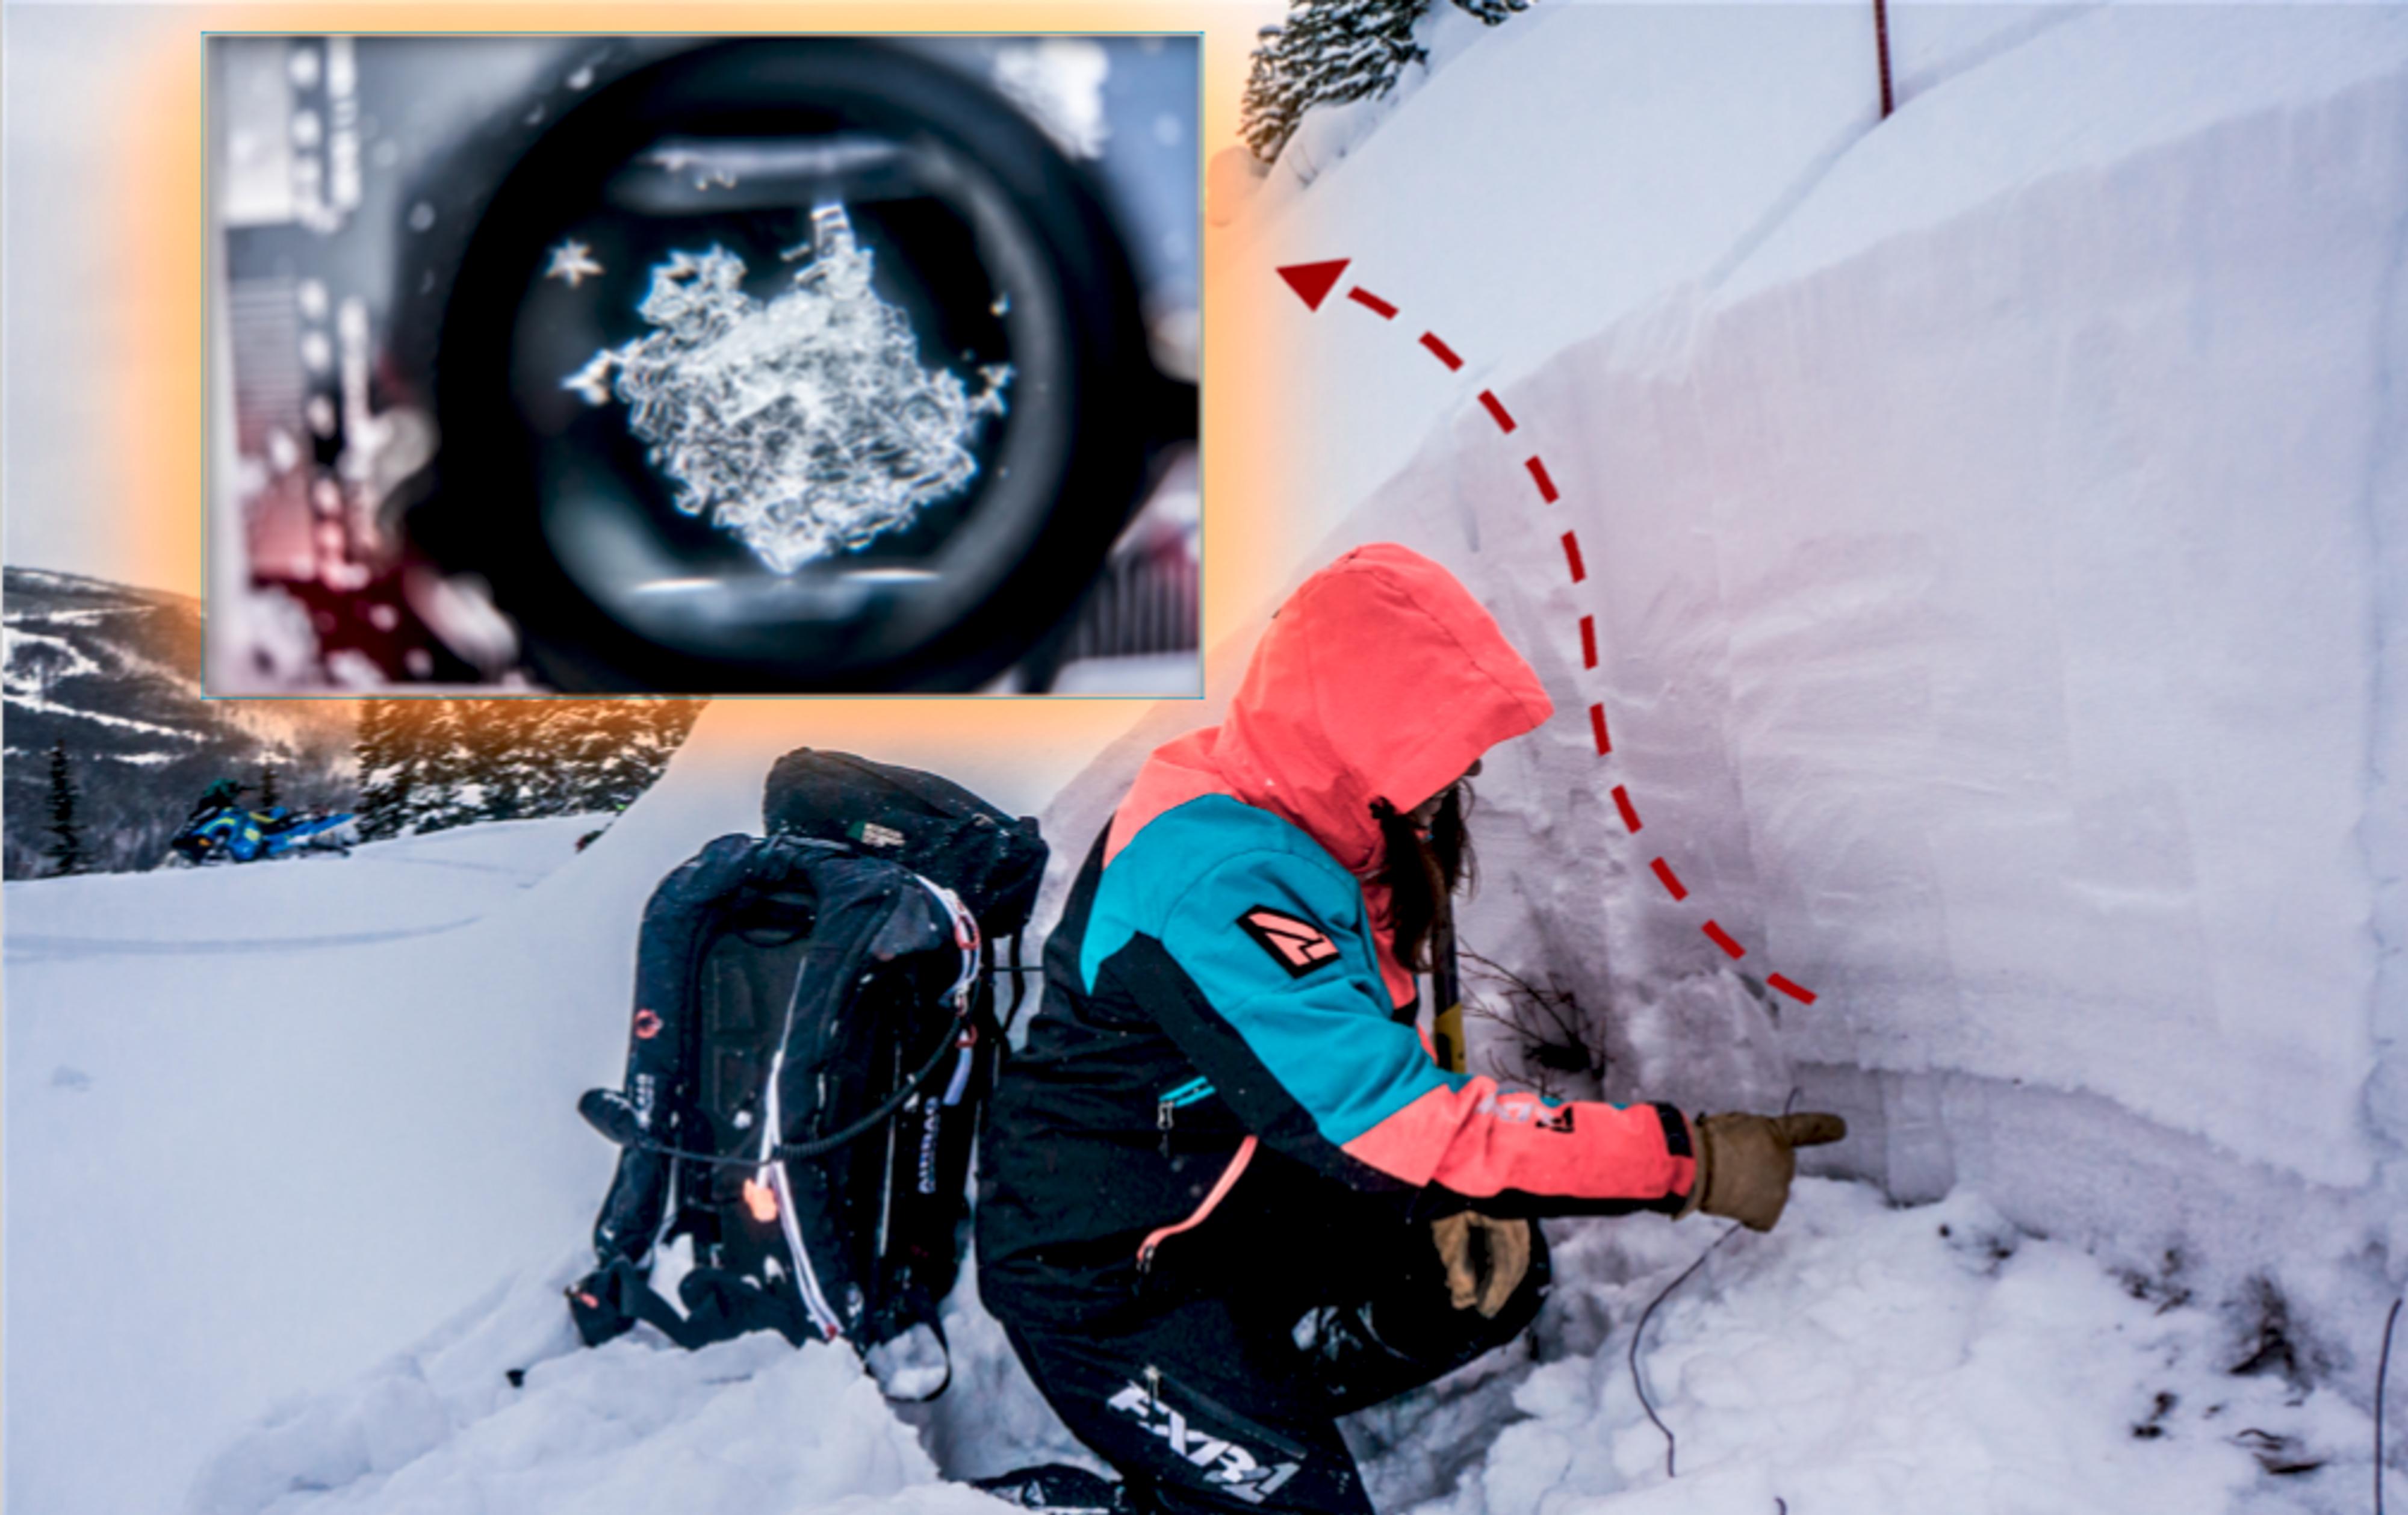 Il s'agit de gros cristaux ayant la forme de gobelets, trouvés principalement à la base de manteaux neigeux peu épais dans des climats froids. Le givre de profondeur peut former une couche fragile persistante en profondeur pouvant durer toute une saison.